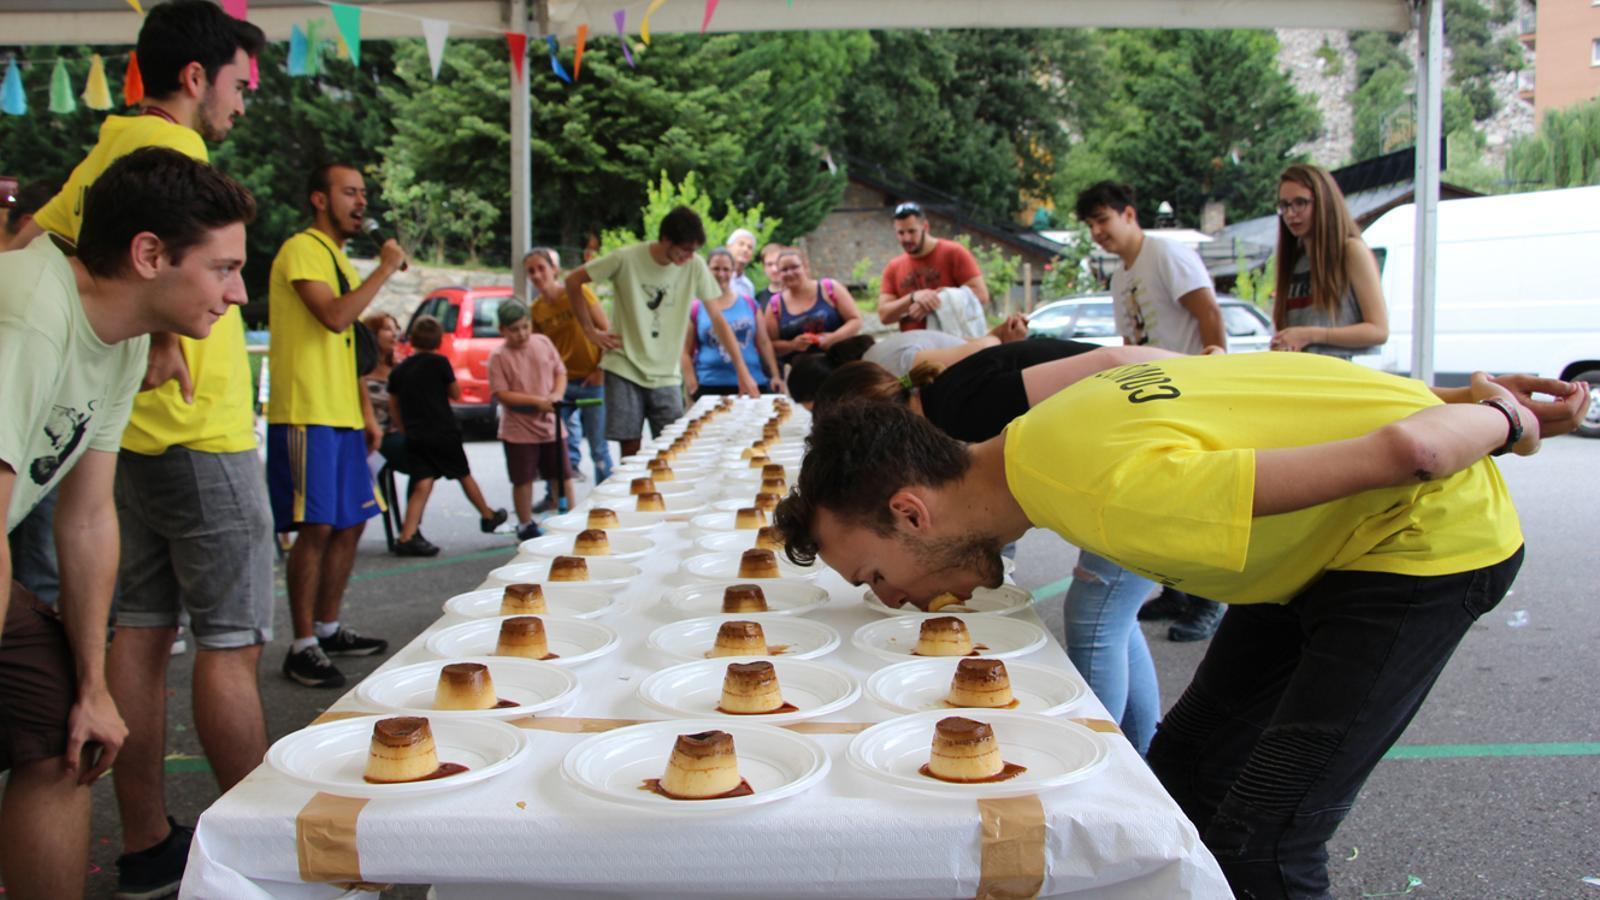 La comissió de la festa major de Santa Coloma ha comprat més de 200 flams, dels quals 150 s'han gastat pel concurs. / P. R.